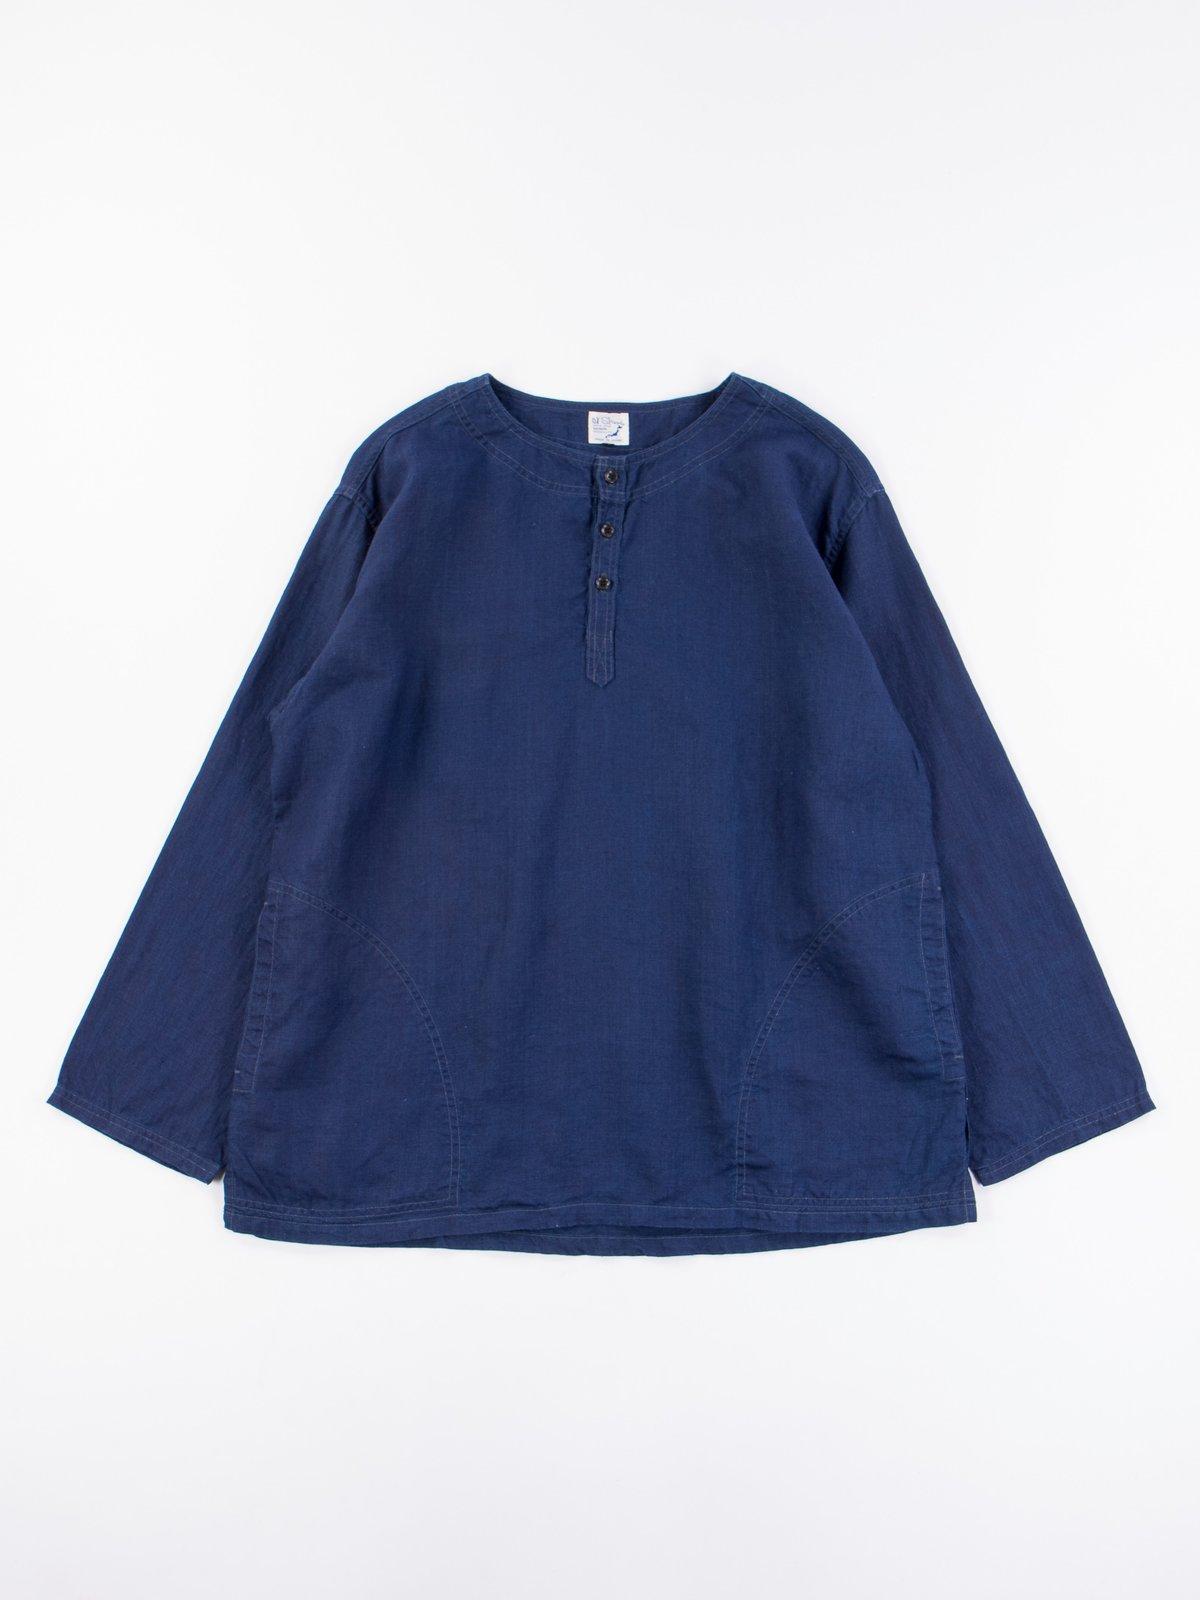 Indigo Linen Pullover Shirt - Image 1